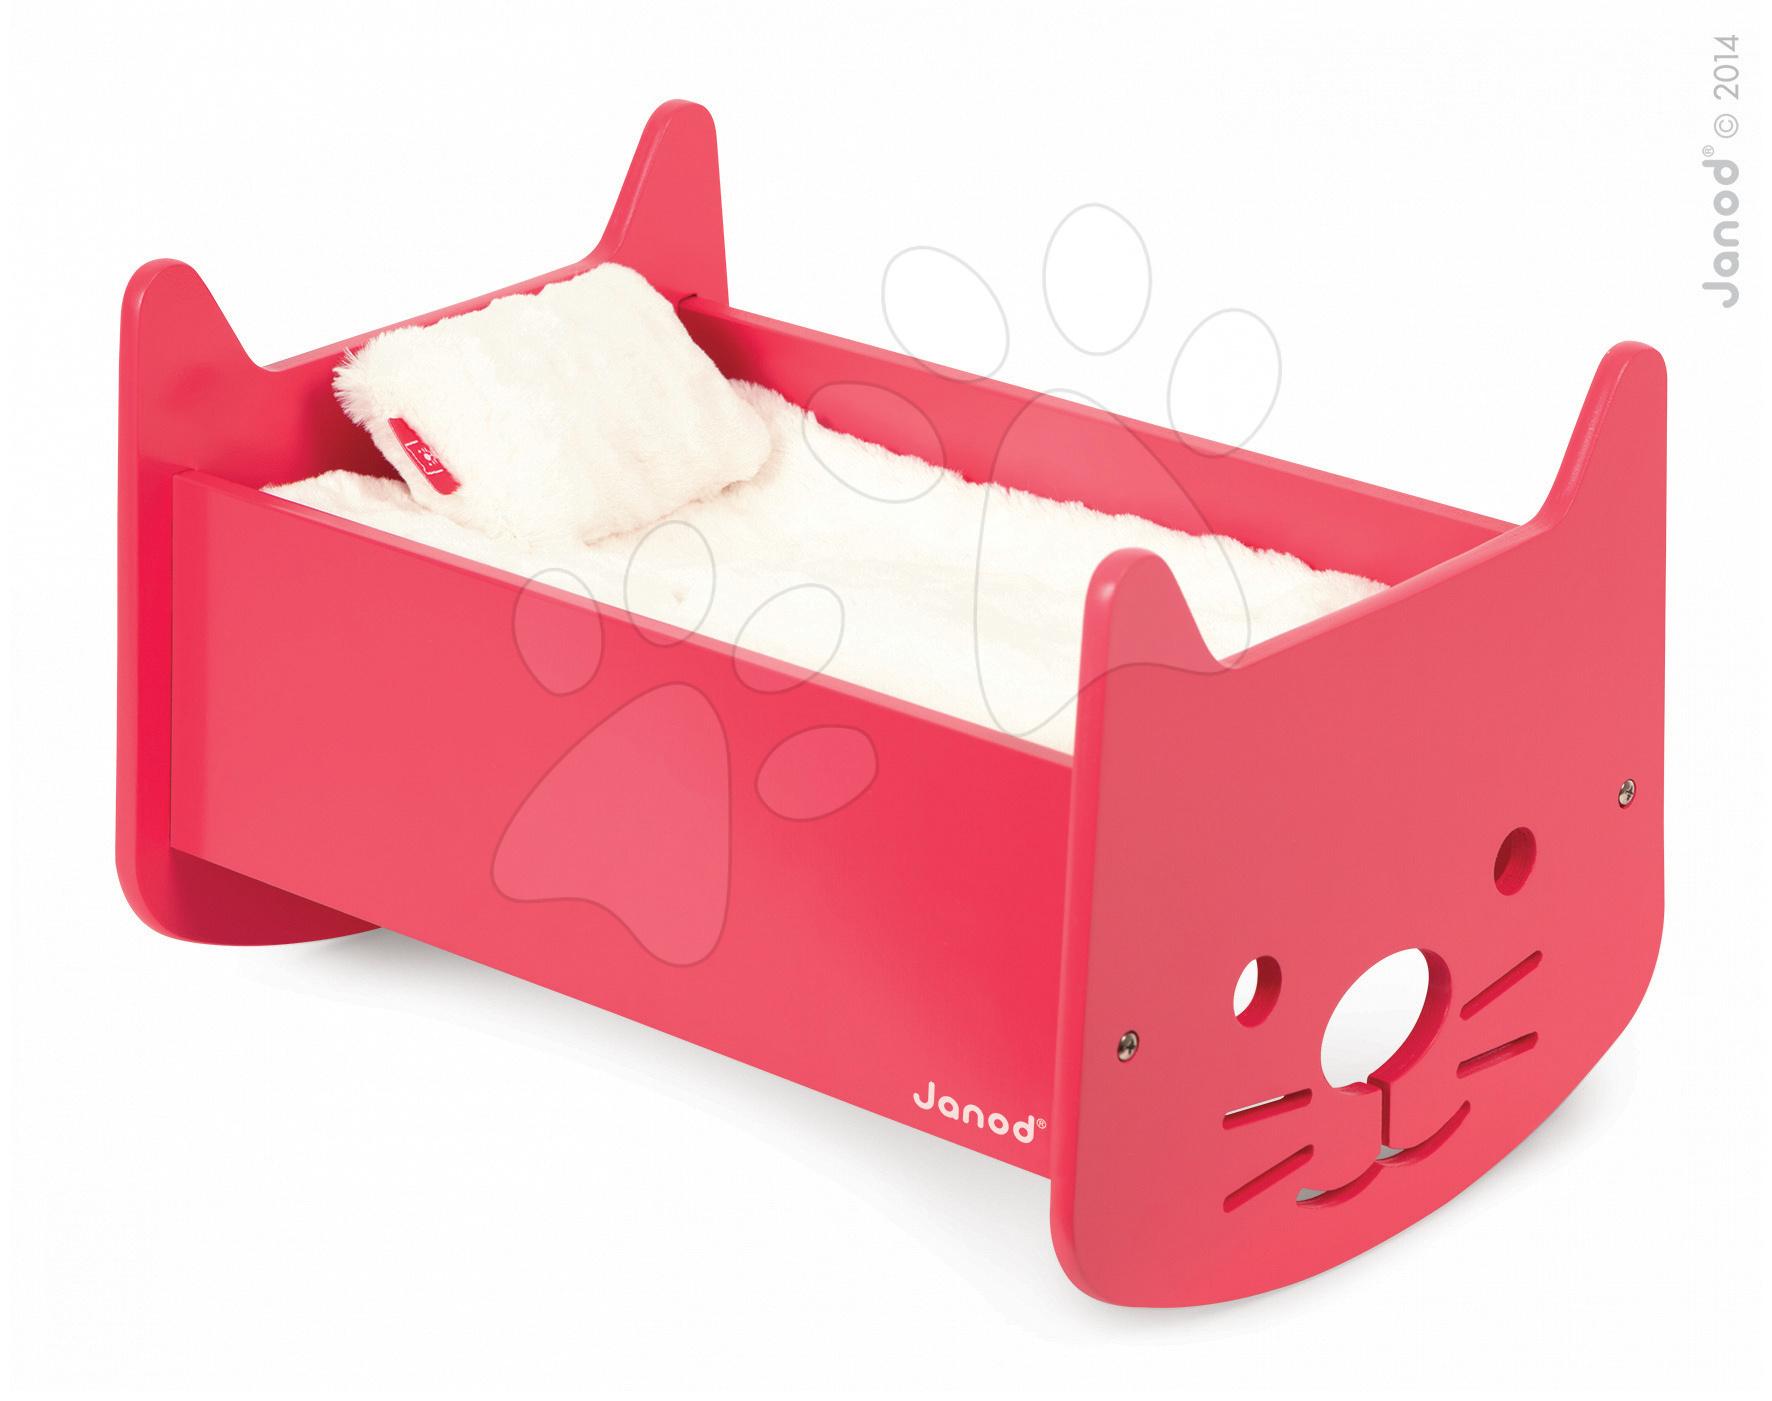 Postieľky a kolísky pre bábiky - Drevená kolíska pre bábiku Babycat Janod s perinkou